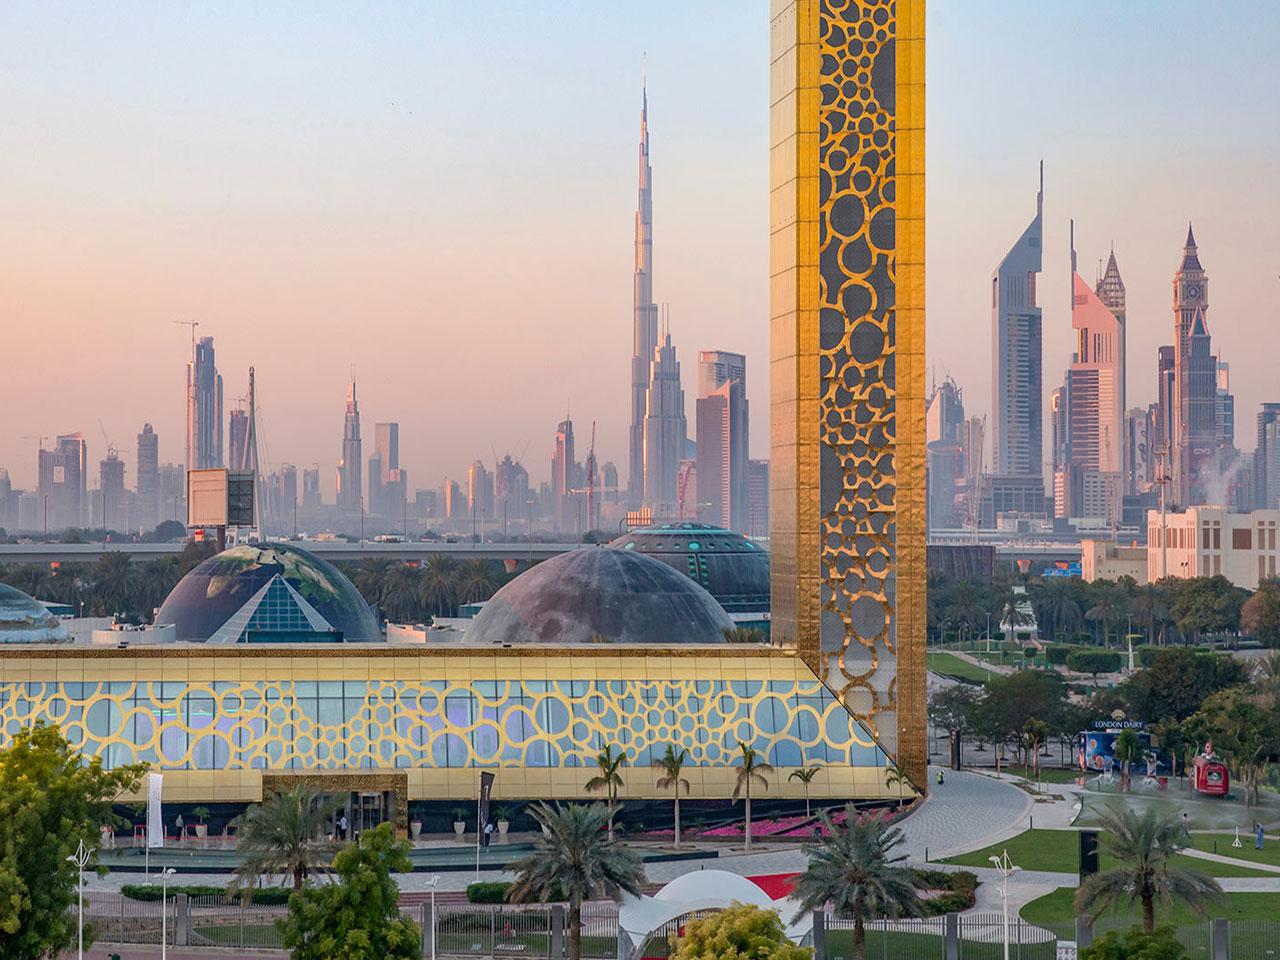 Dubai Frame Gallary 3 - Adventure Trip Tourism